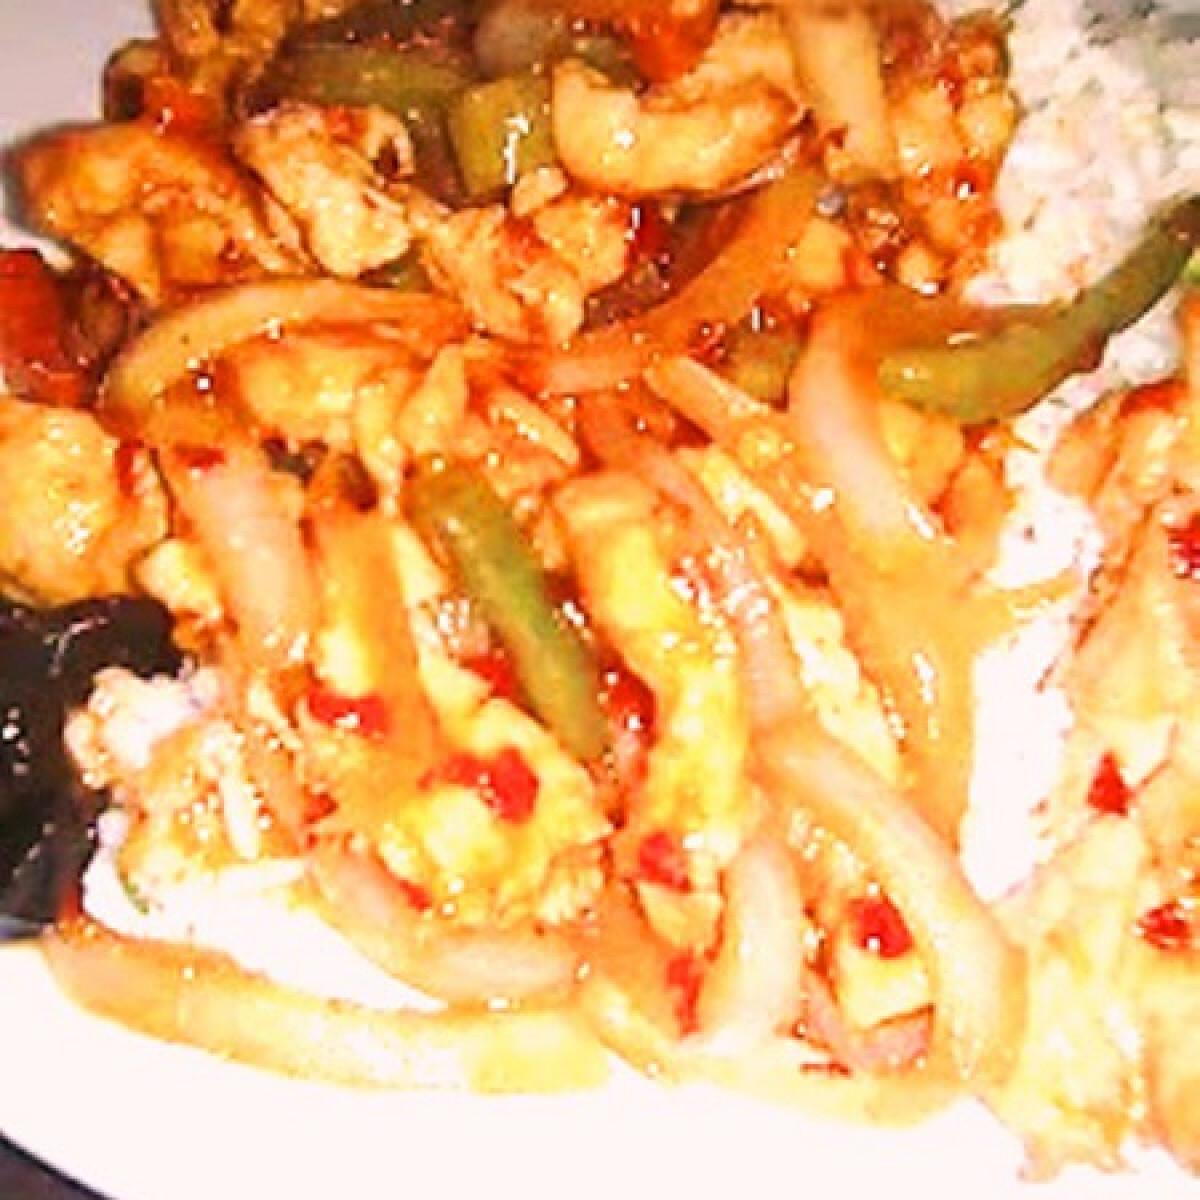 Kínai zöldséges csípős csirke tojásos rizzsel